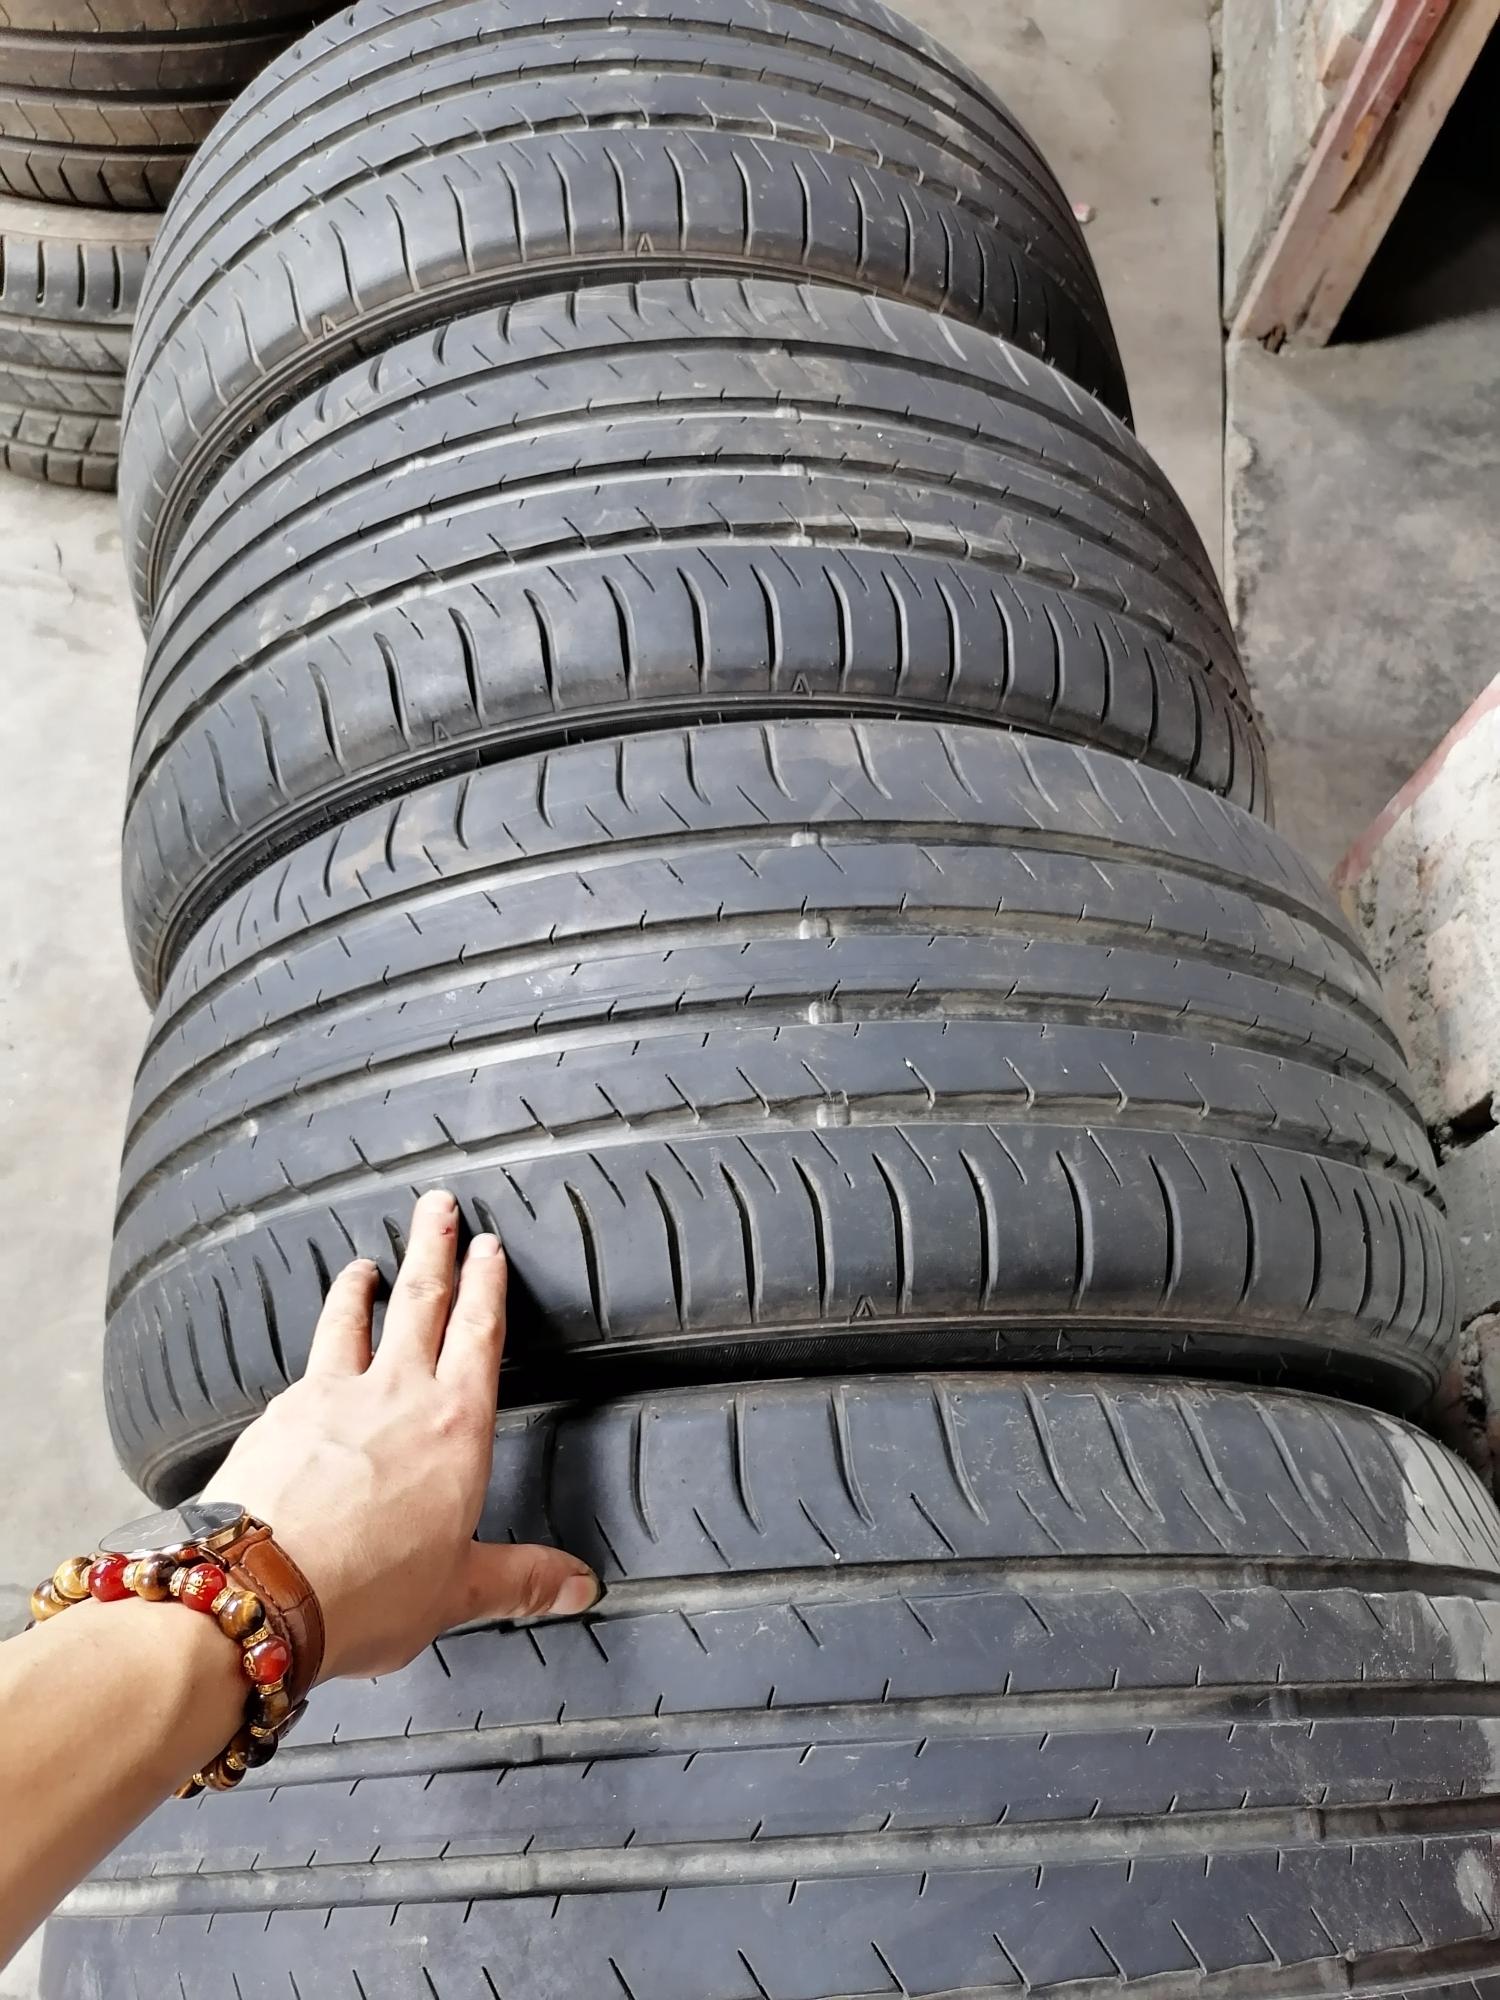 255/40R19 96Y邓禄普轮胎050防爆精品现货一套适